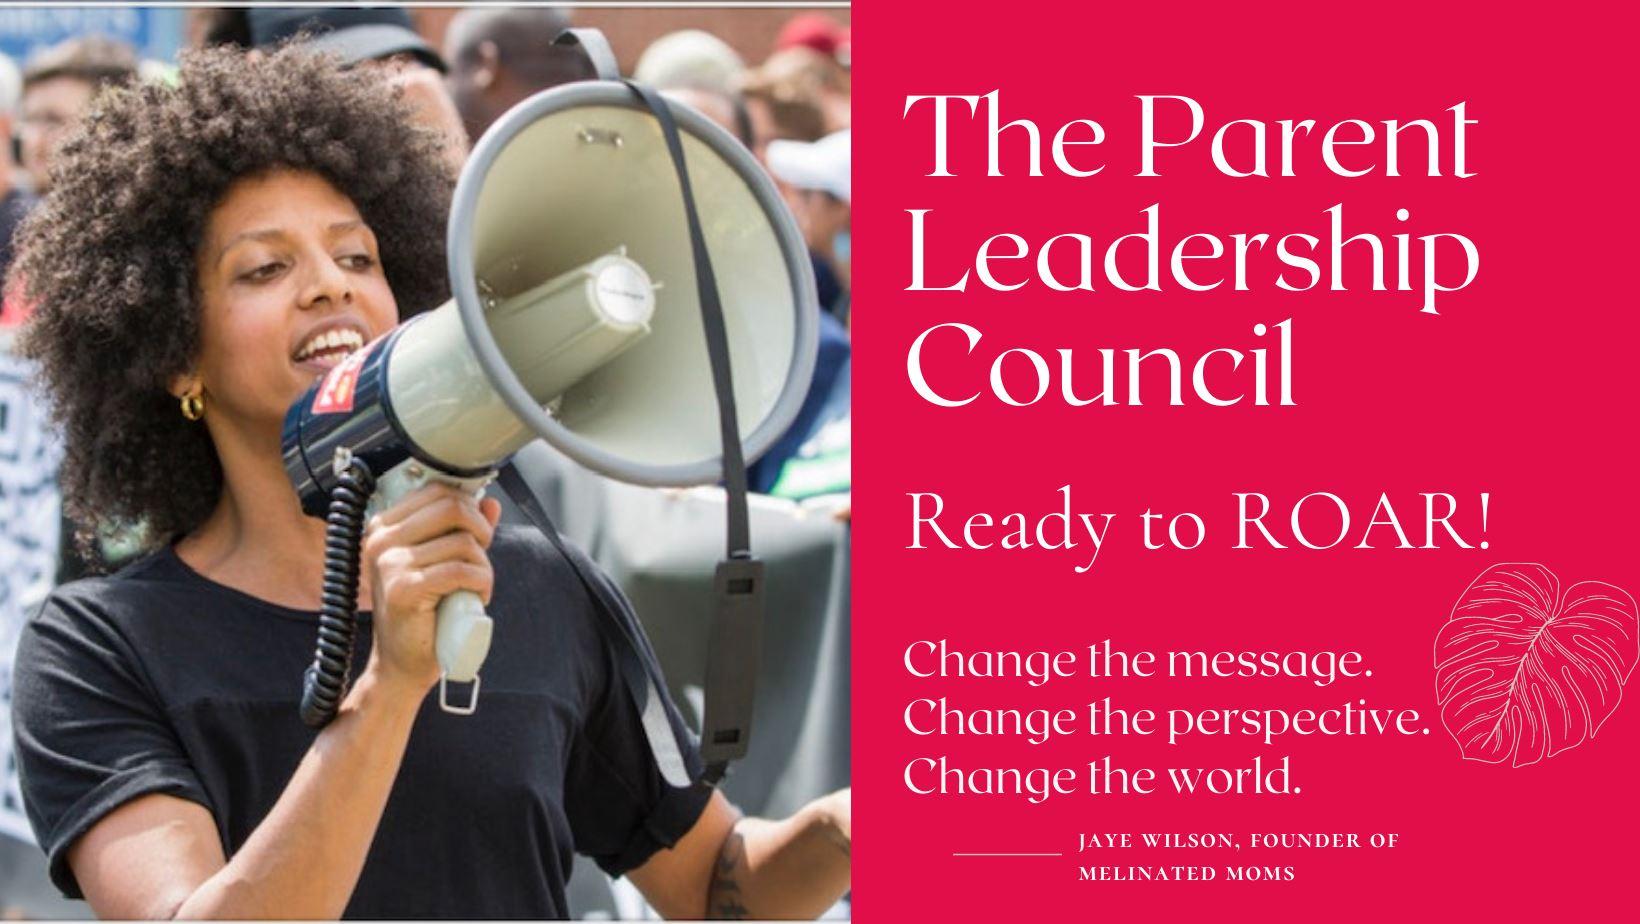 The Parent Leadership Council